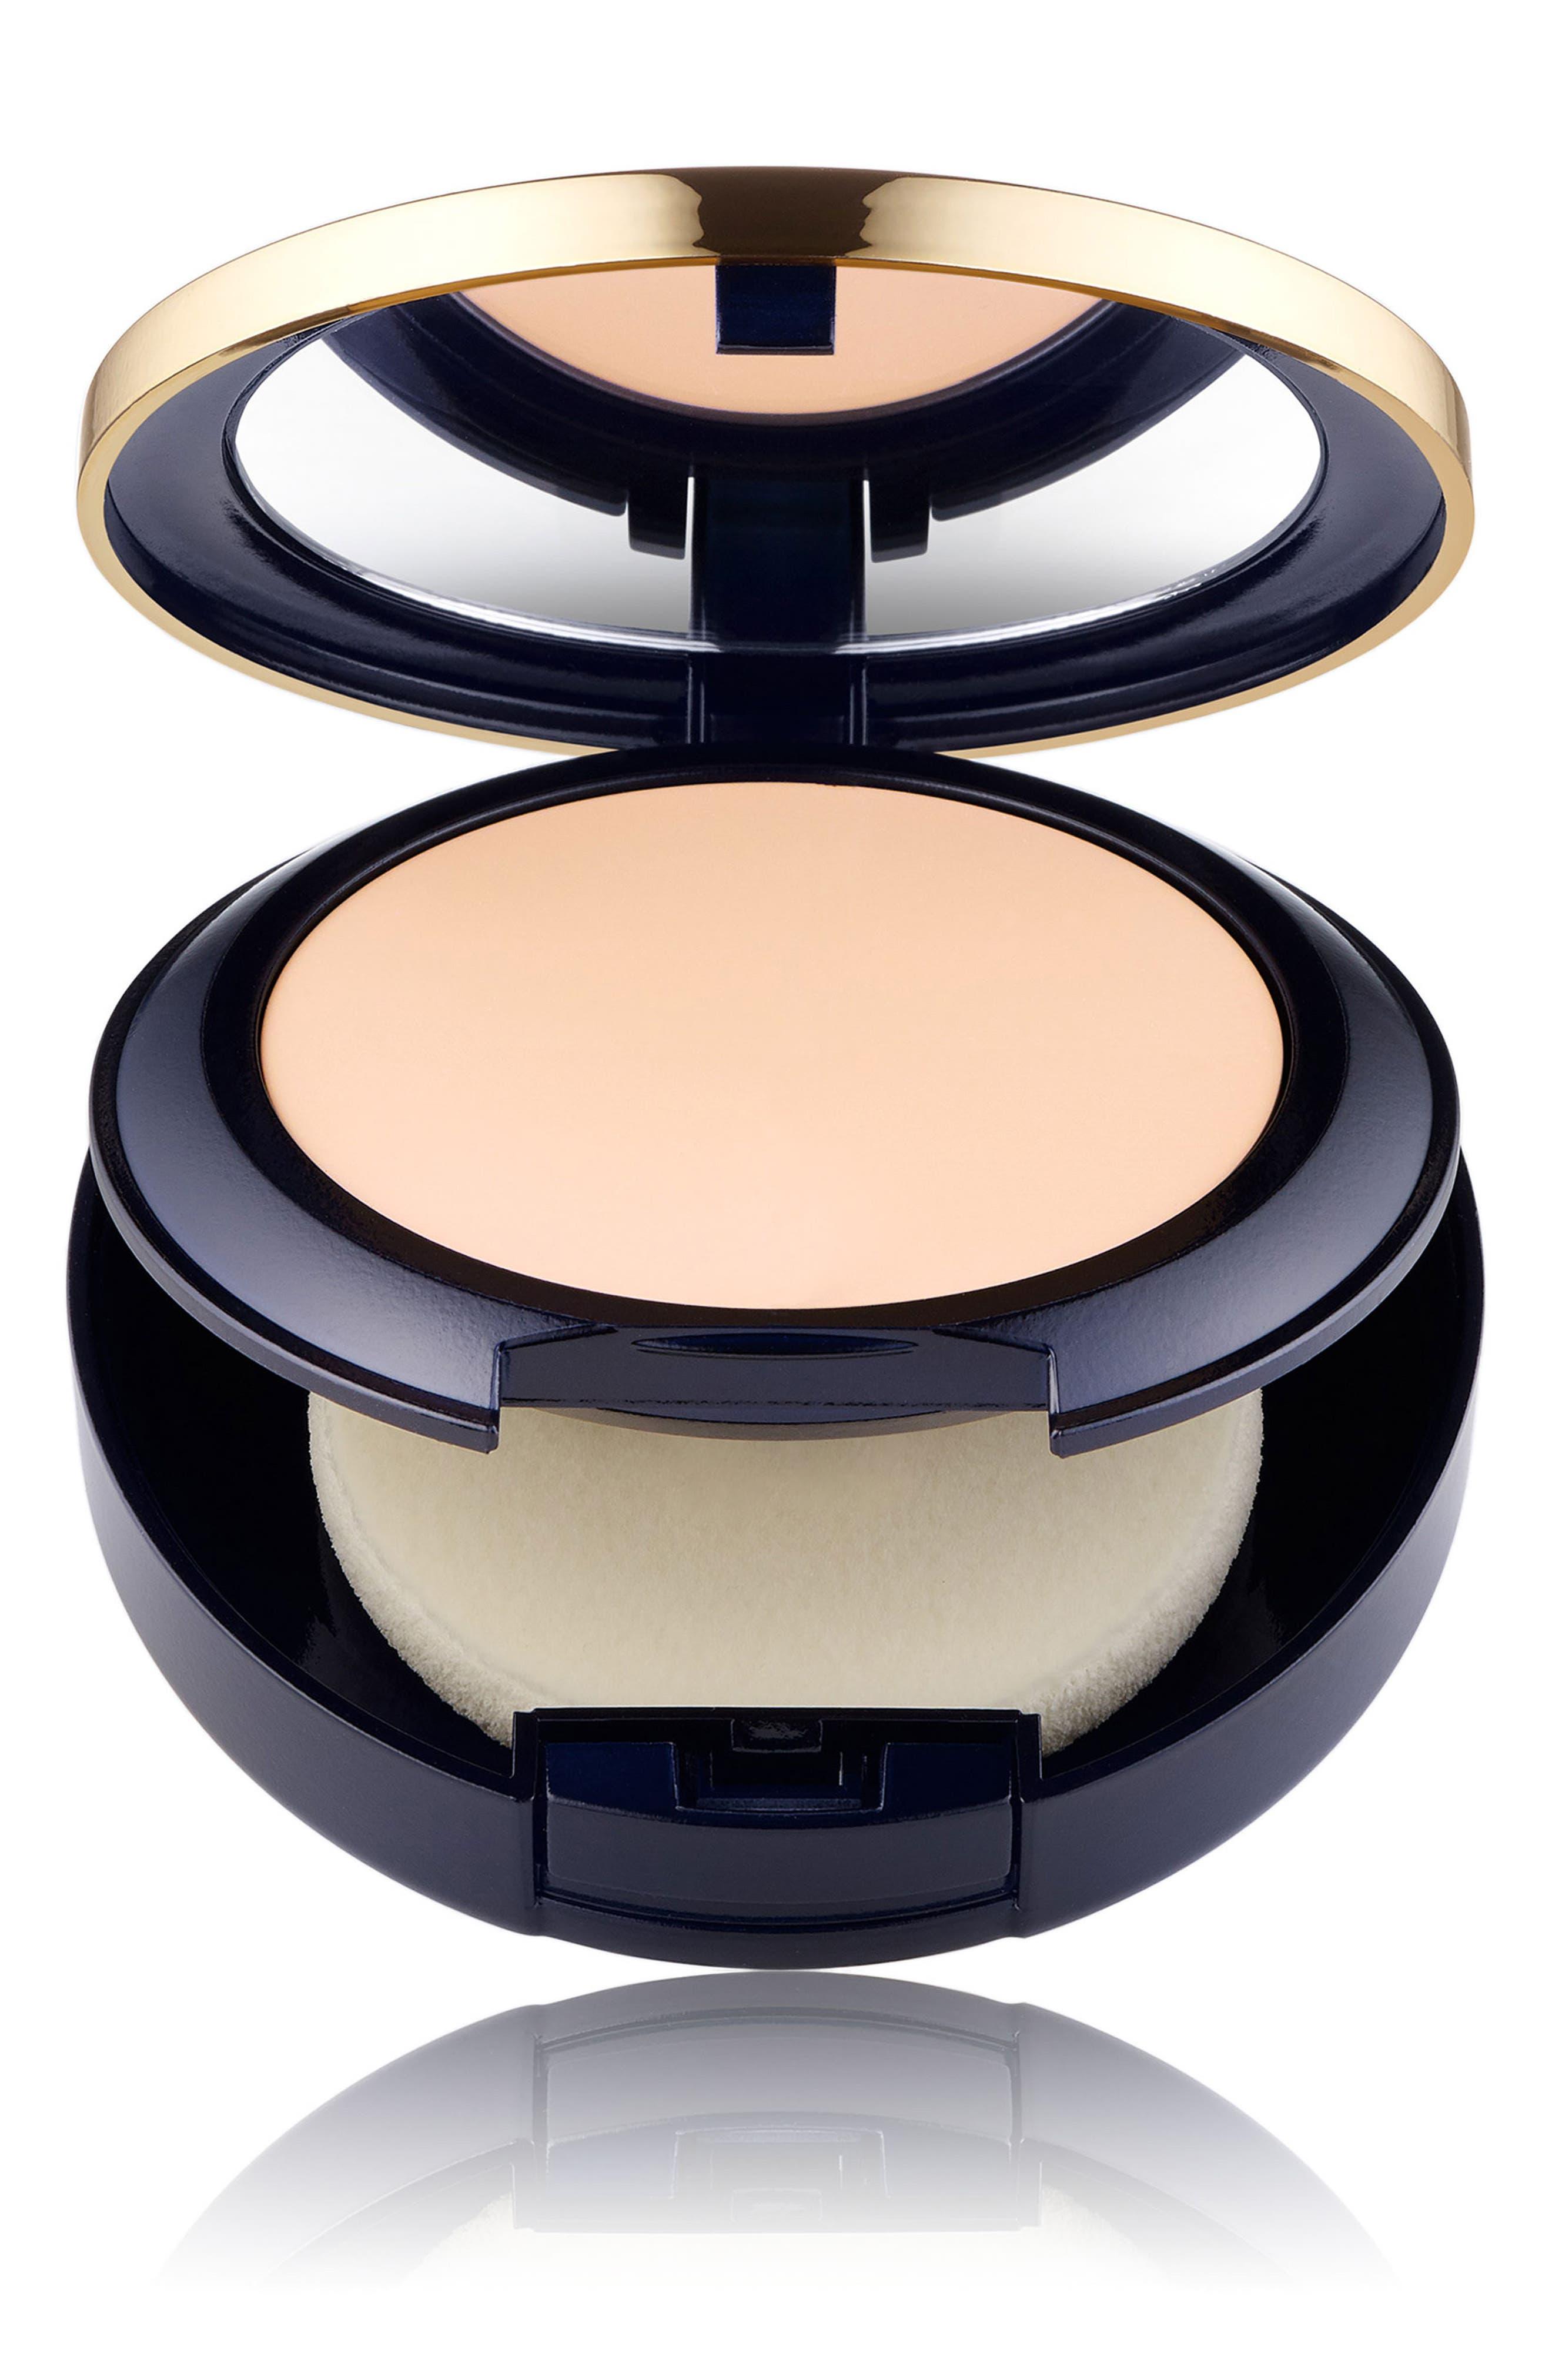 Estee Lauder Double Wear Stay In Place Matte Powder Foundation - 2C3 Fresco